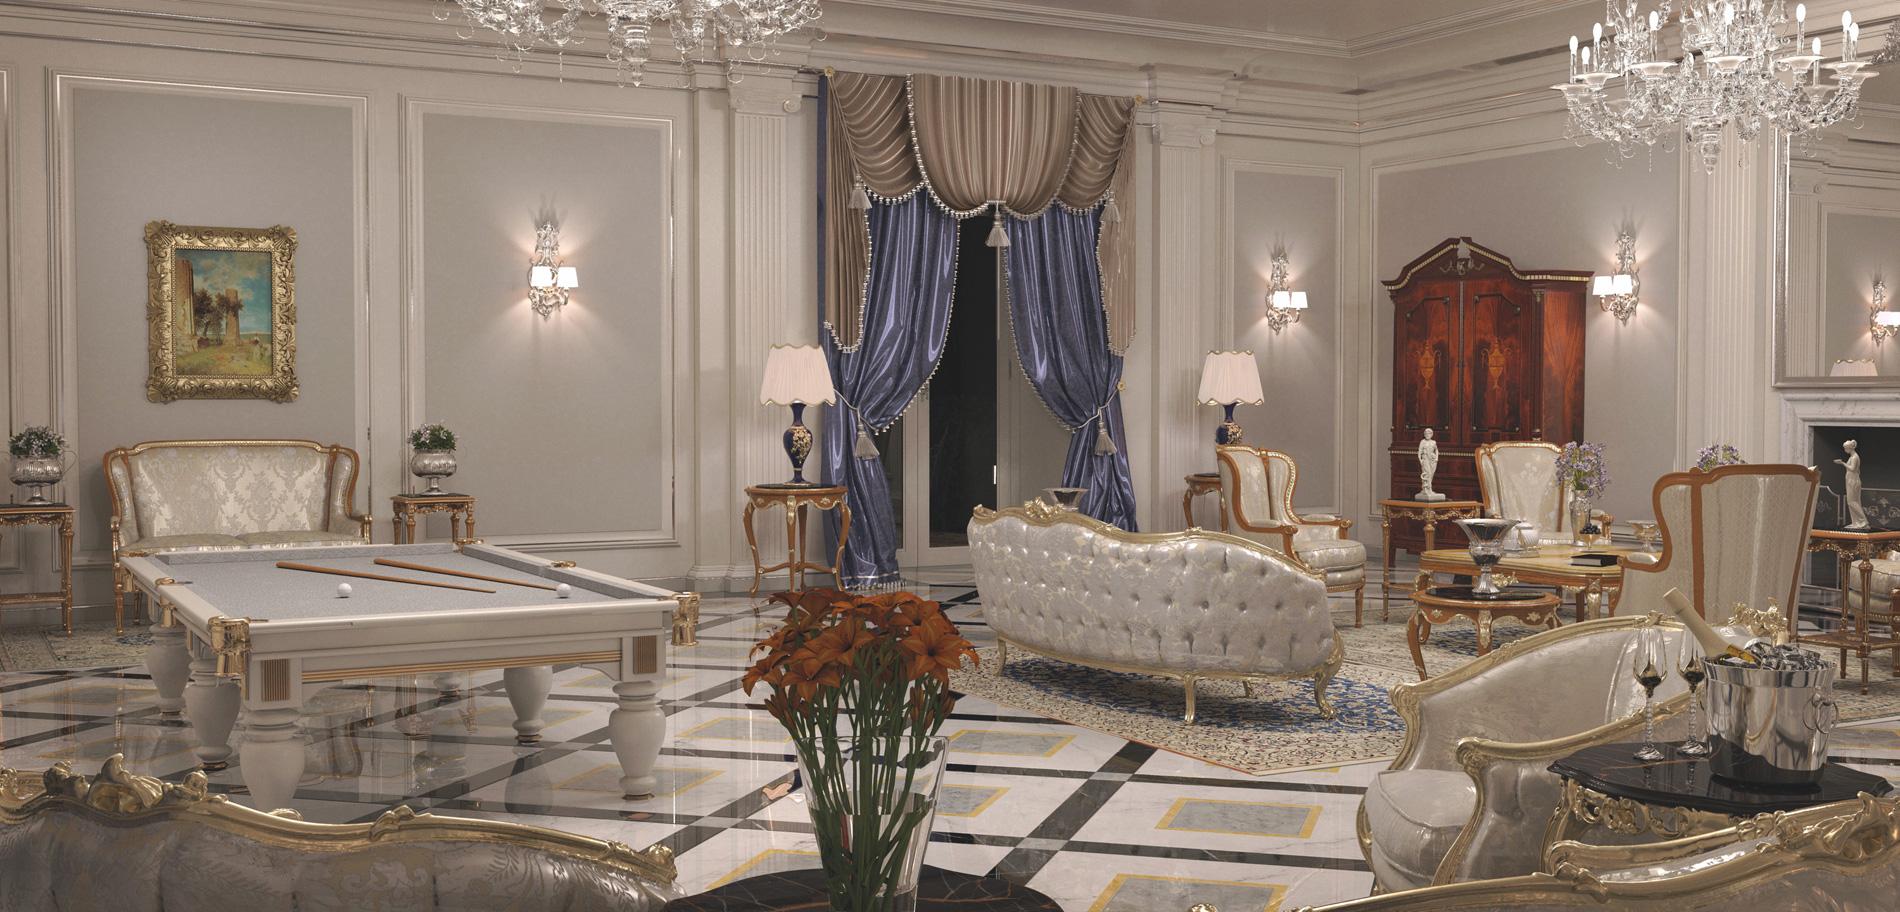 Arredamento ville il contract nel classico di lusso for Interni di lusso